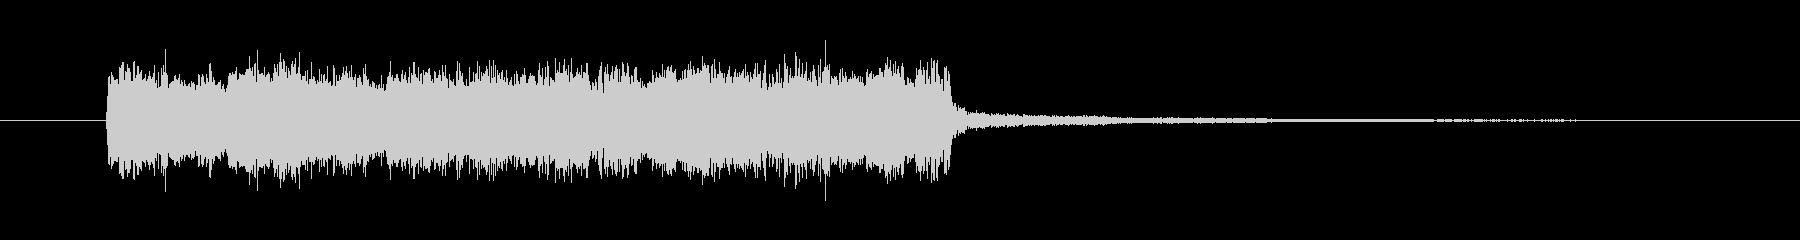 ギターピックスクラッチピキピキ音 氷系…の未再生の波形